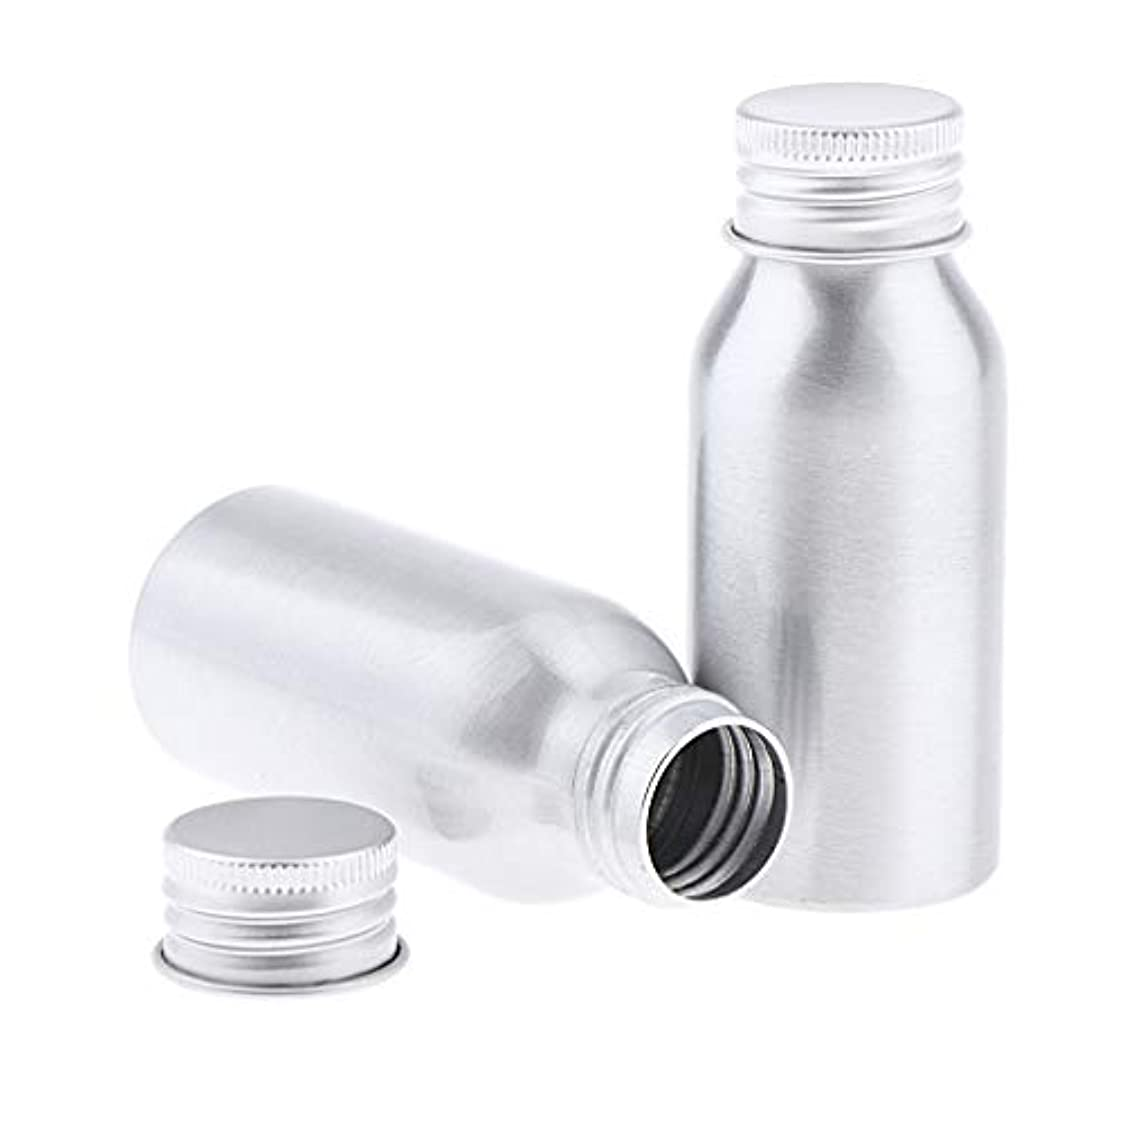 驚いたことに実り多いファブリック2本 アルミボトル シルバー 空ボトル 化粧品収納容器 ディスペンサーボトル 5サイズ選べ - 50ml